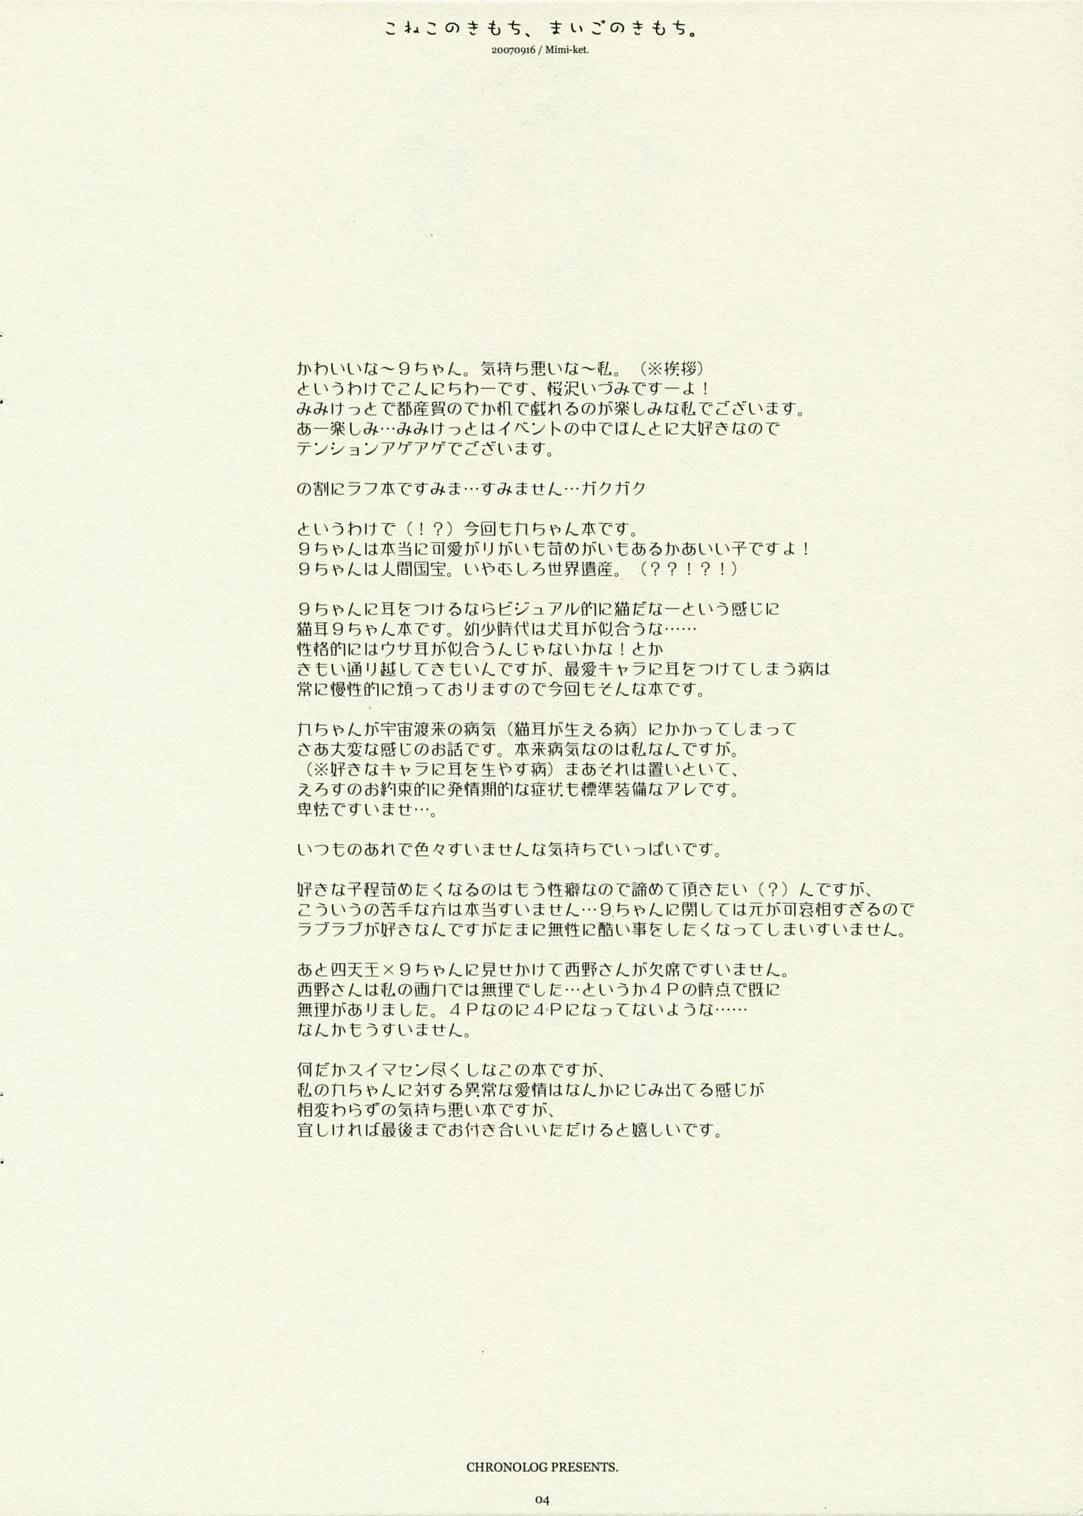 Koneko no Kimochi, Maigo no Kimochi. 2